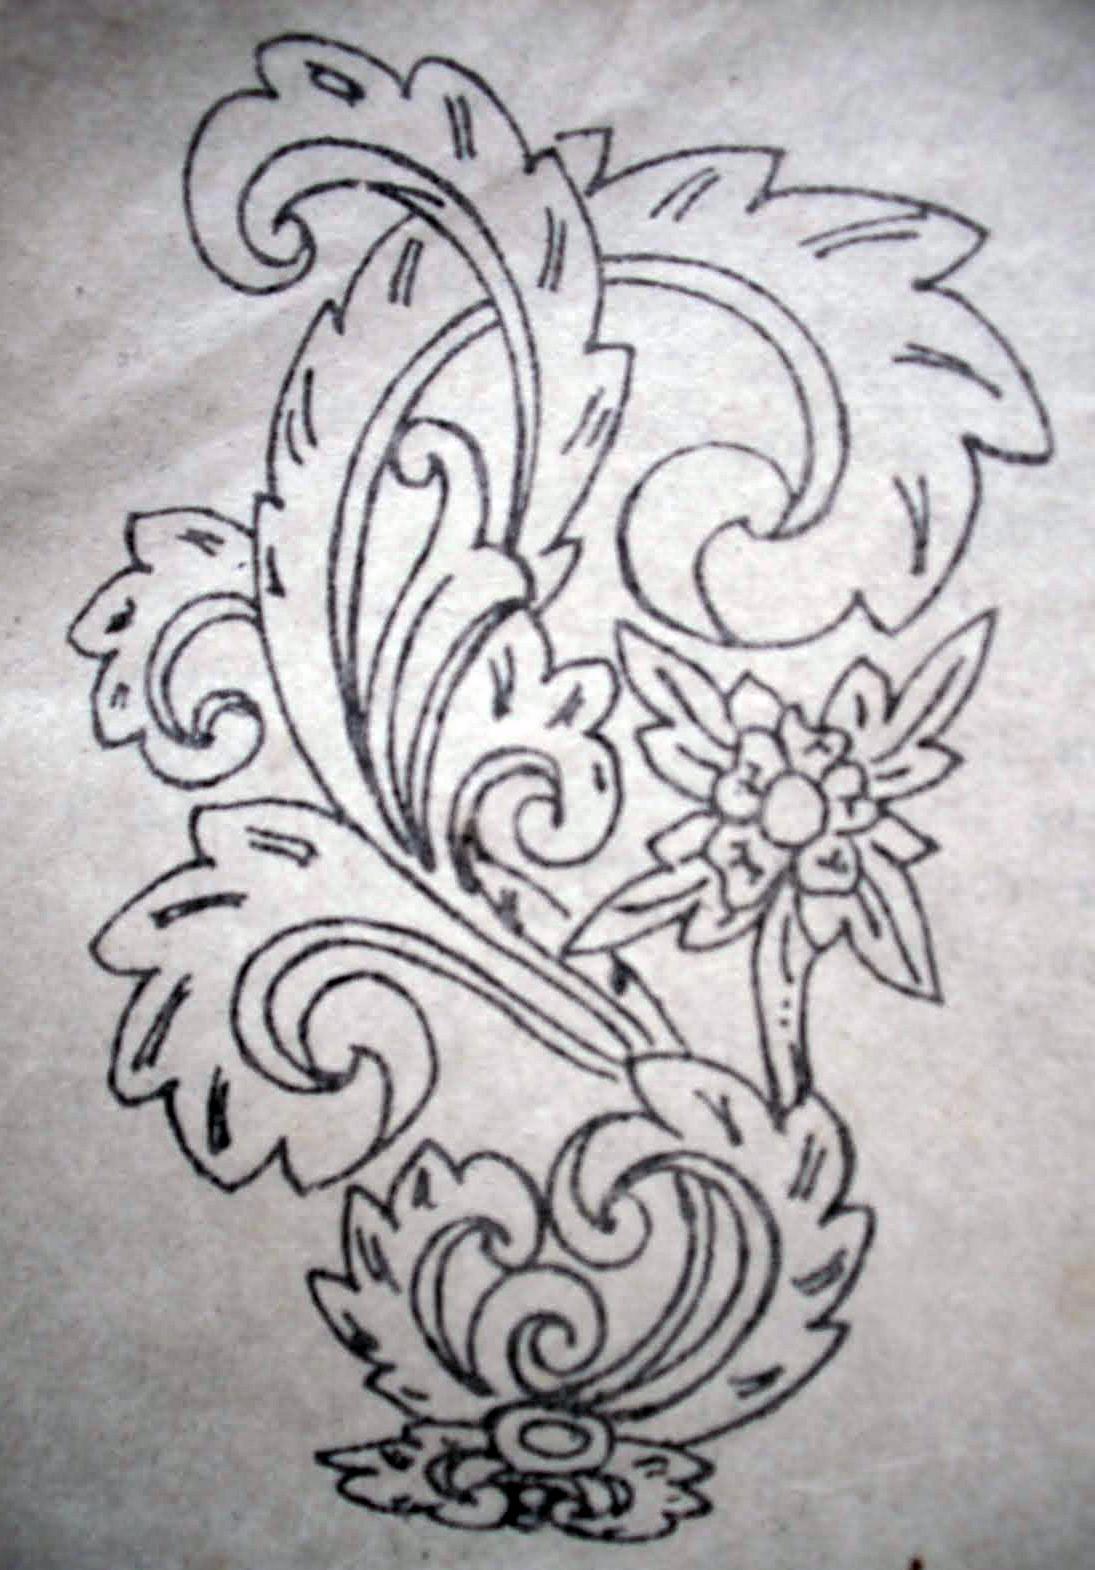 motif madura motif pejajaran motif pekalongan motif surakarta motif